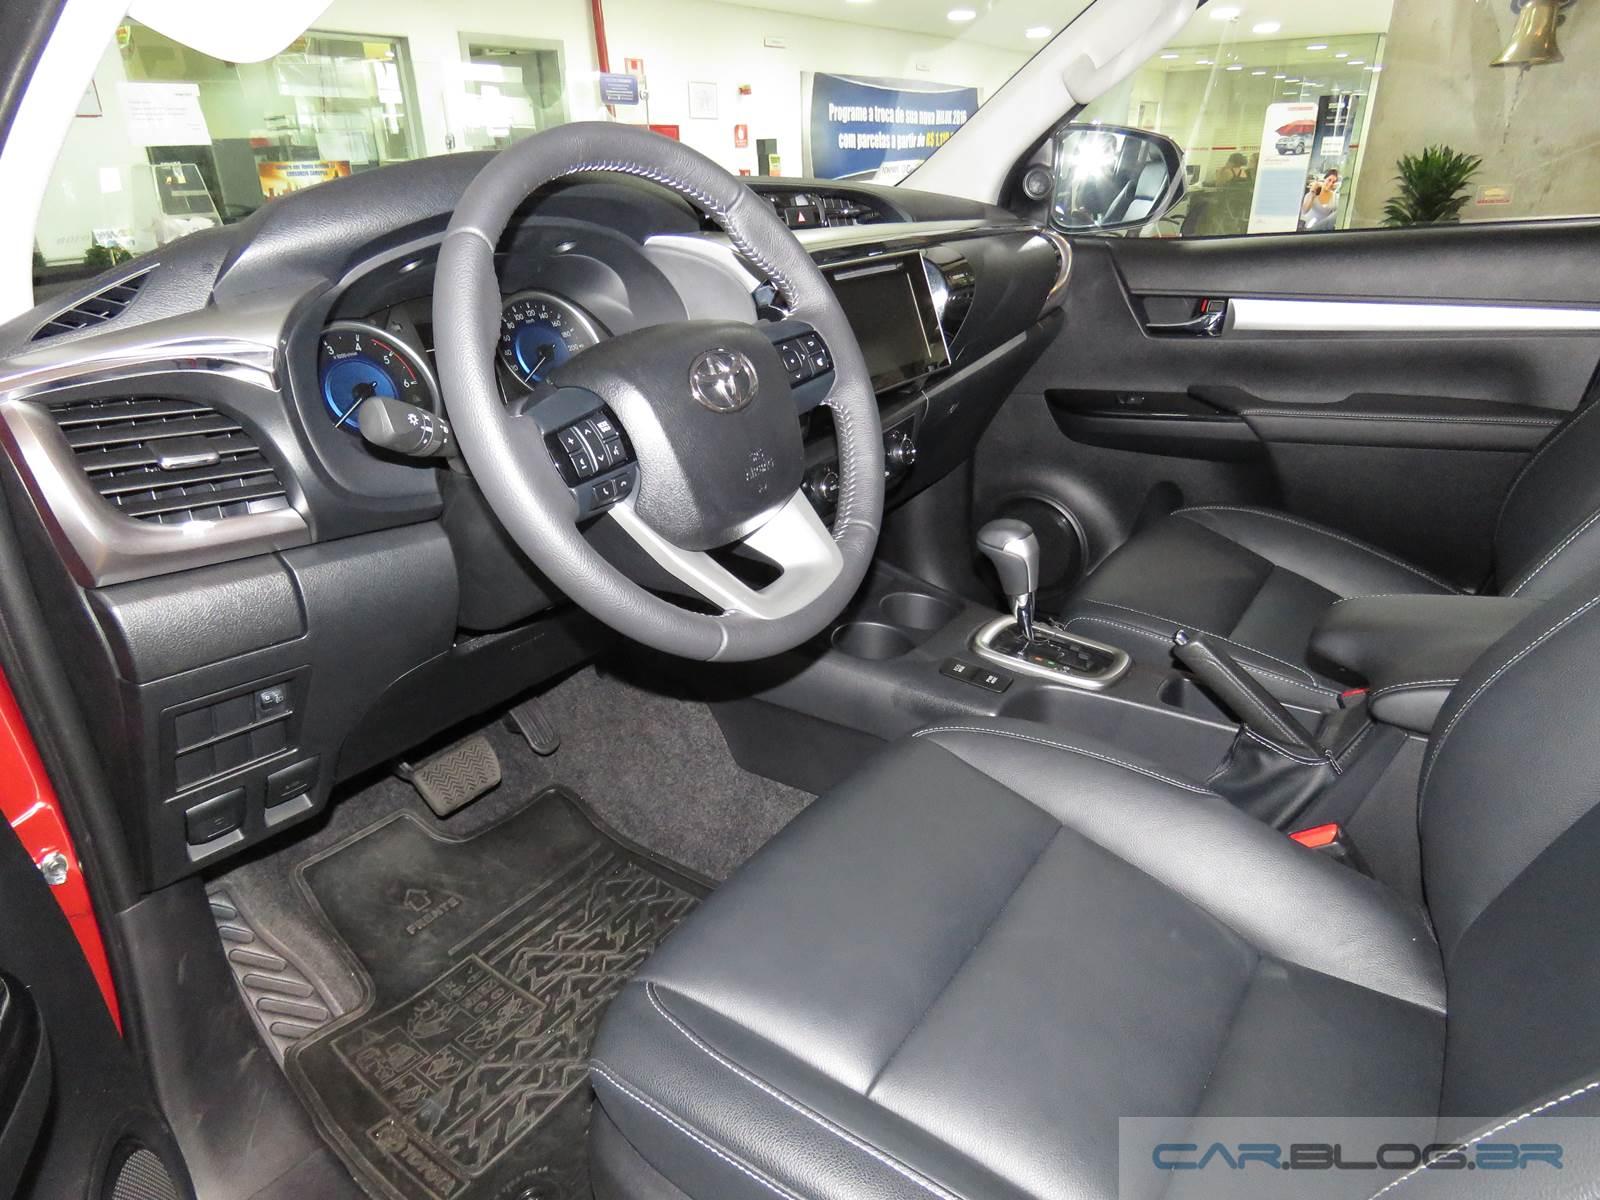 Toyota Hilux 2016 - infiltração de poeira